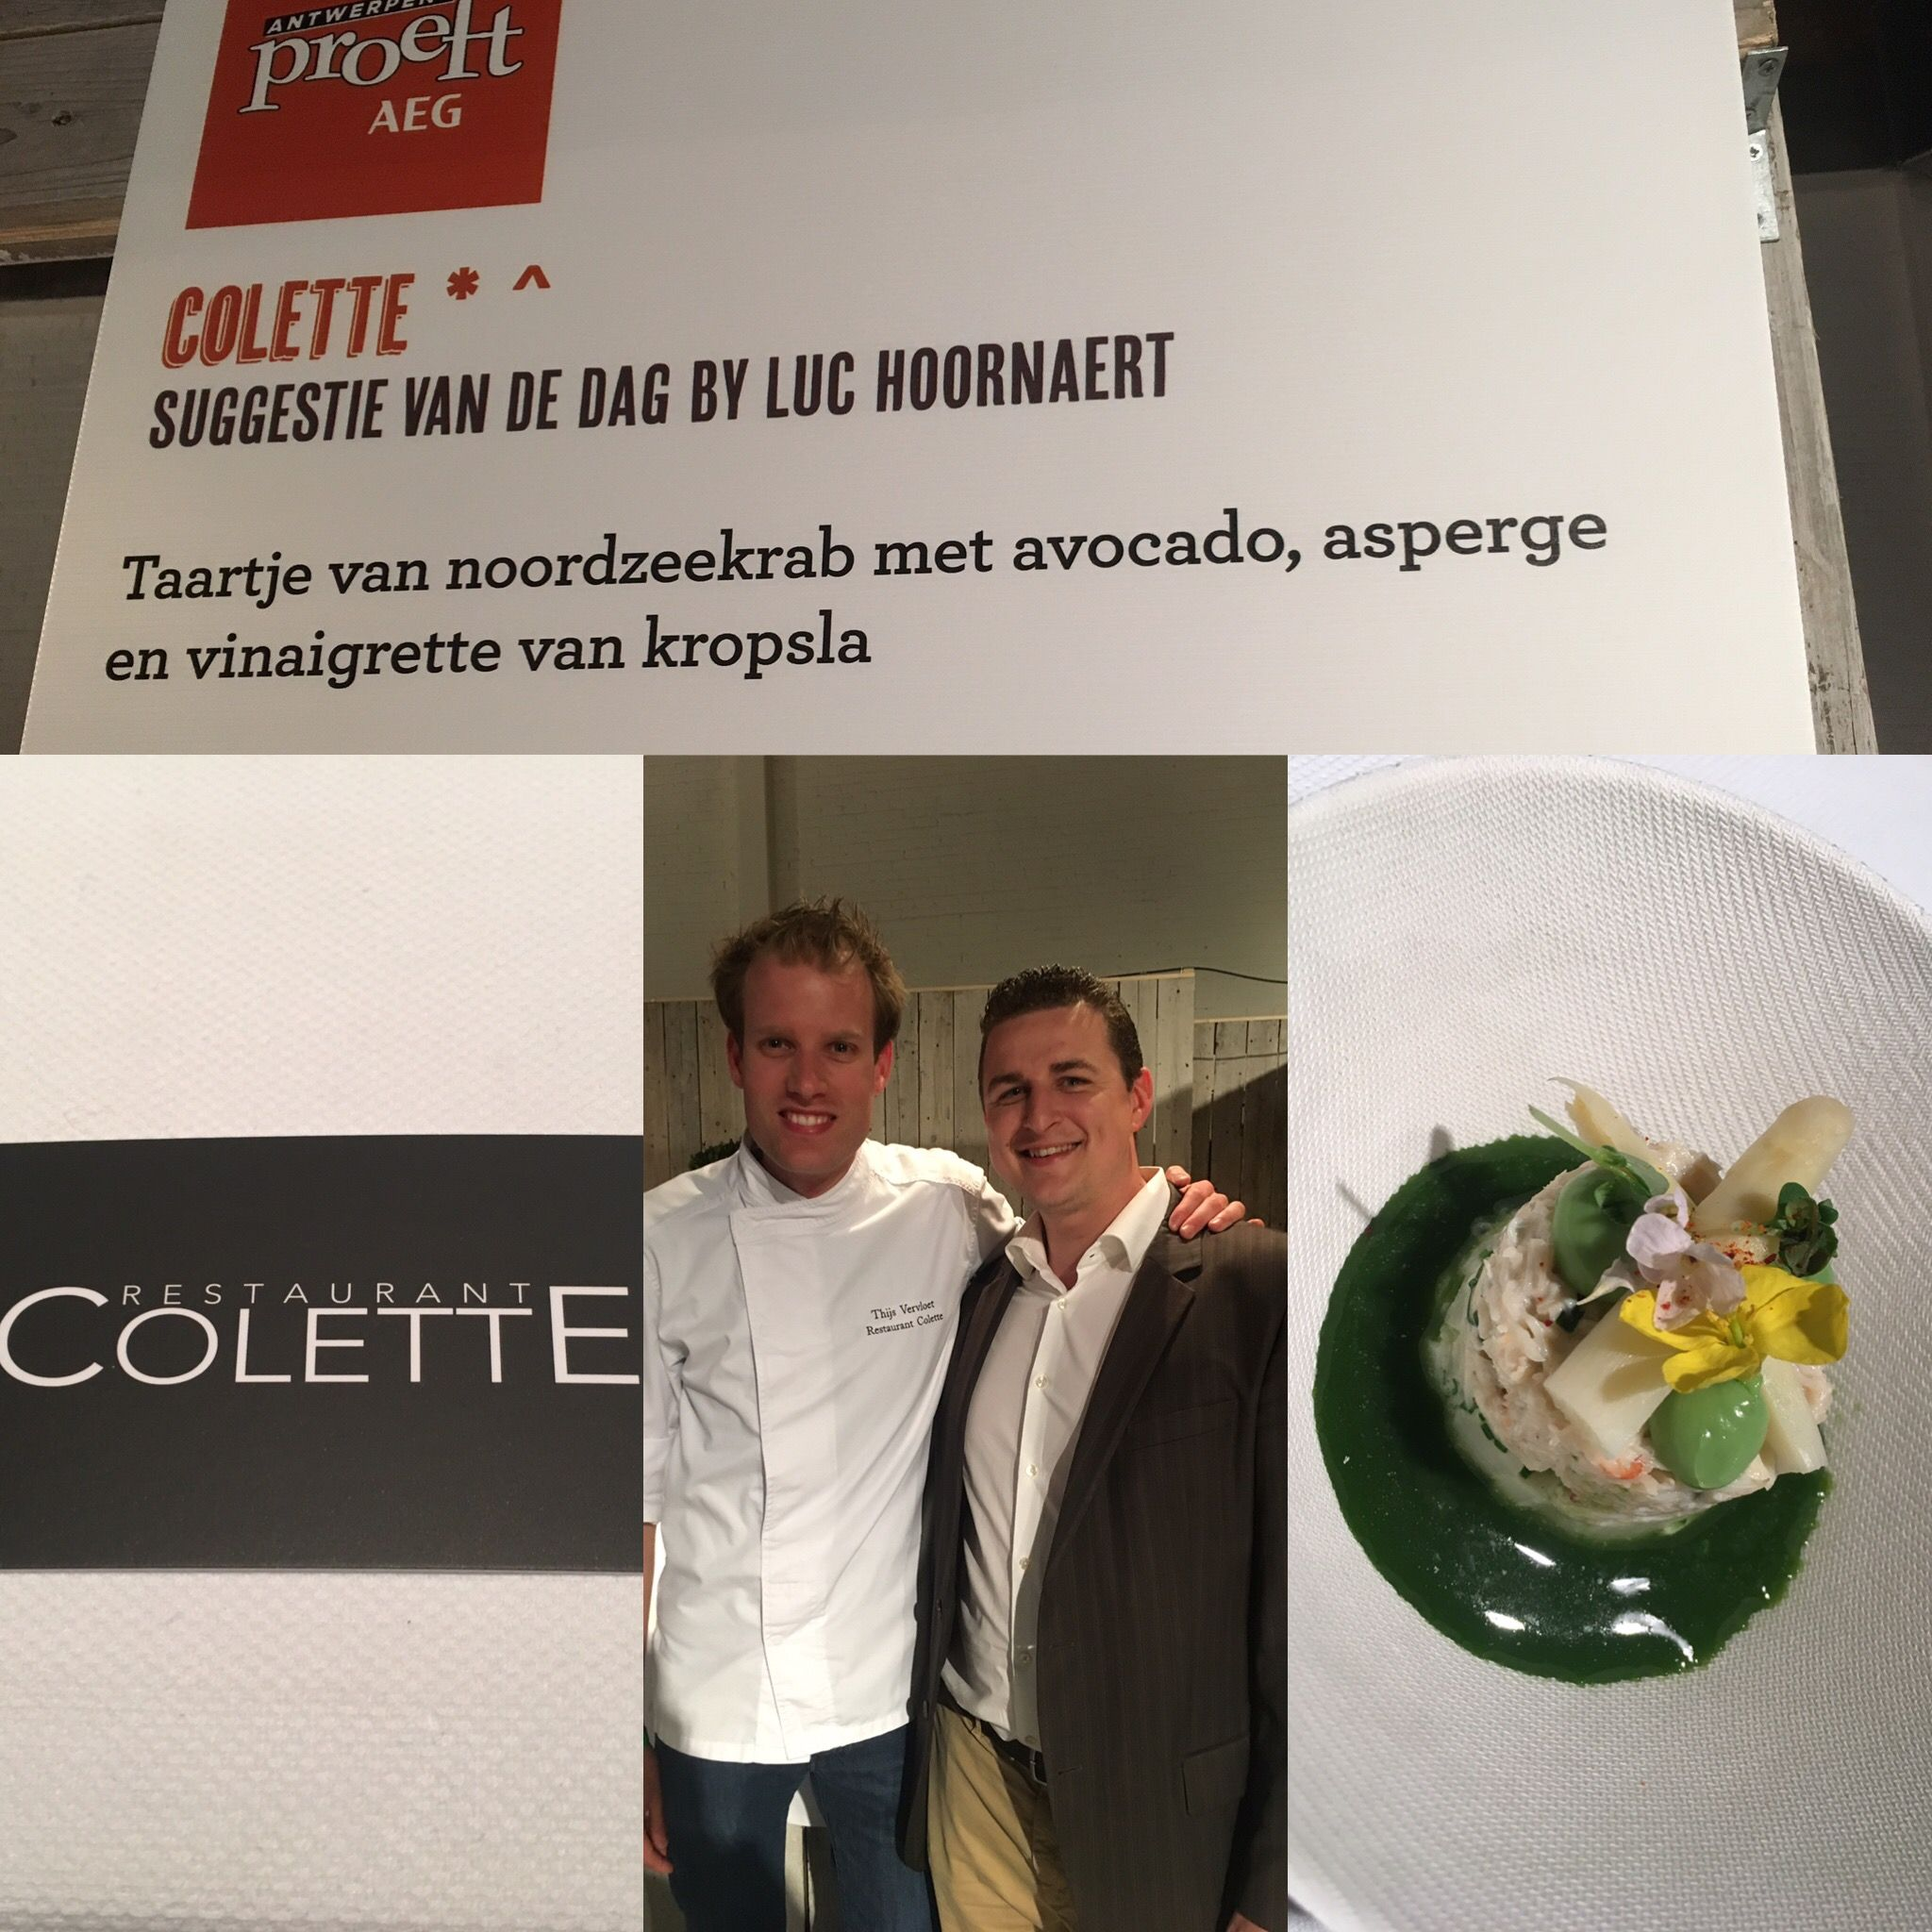 Topgerecht bij een topchef! @thijs_vervloet @restaurantcolette ⭐️#zeepboerkeonlineiswaw #uwconsulentindetergent #yoursolutioniswaw #horecamaterialen #webshop #michelinstar#foodporn #chefinstagram